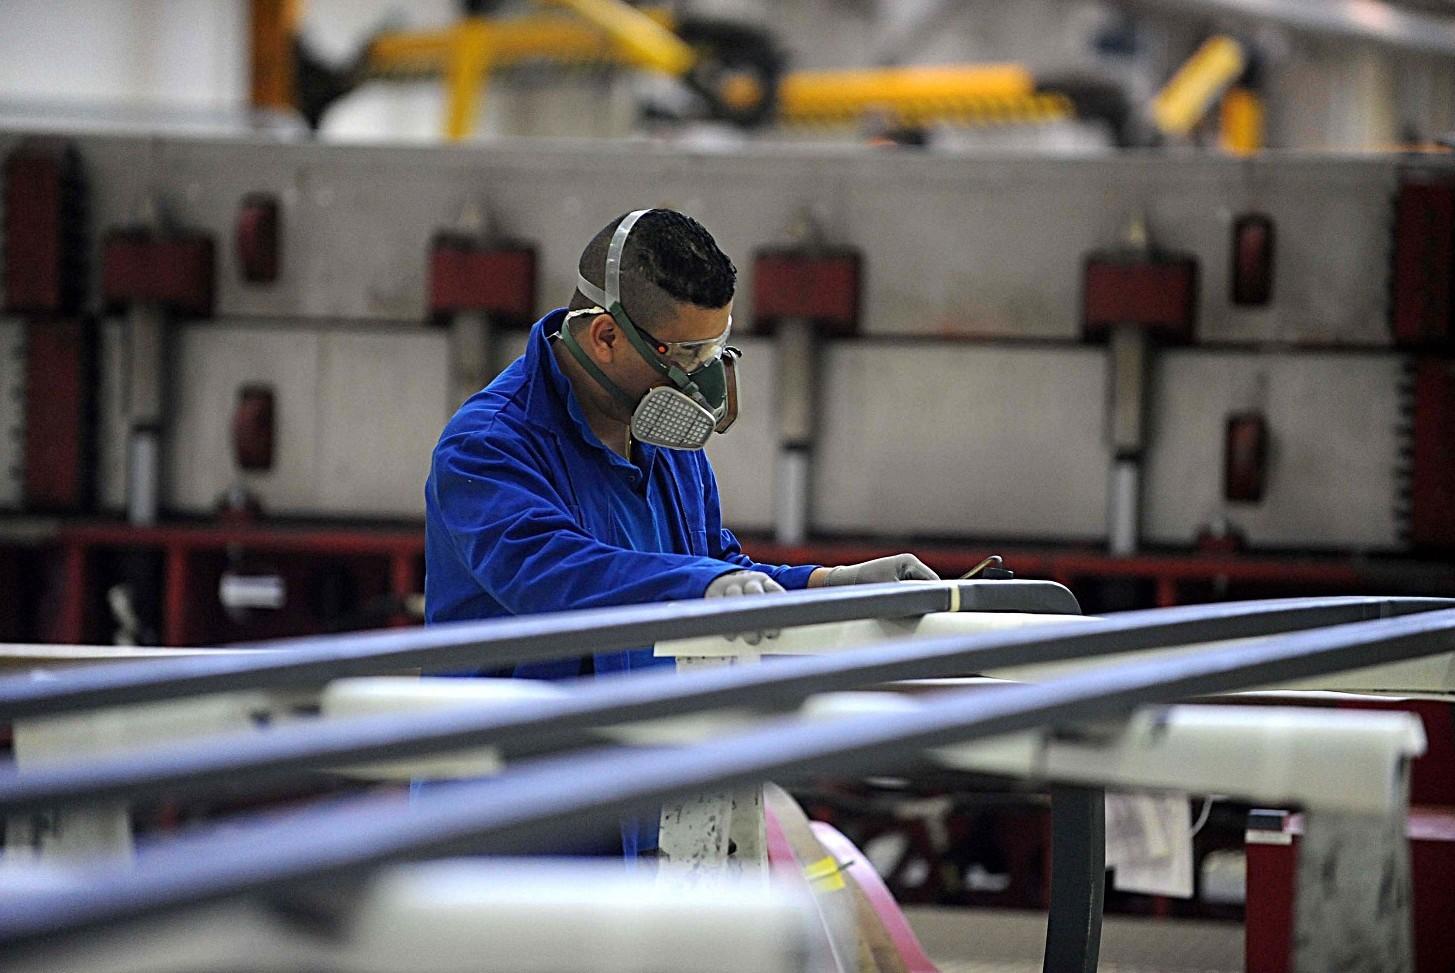 Contratto metalmeccanici 2020 orari, turni e riposo, lavoro di notte, reperibilità